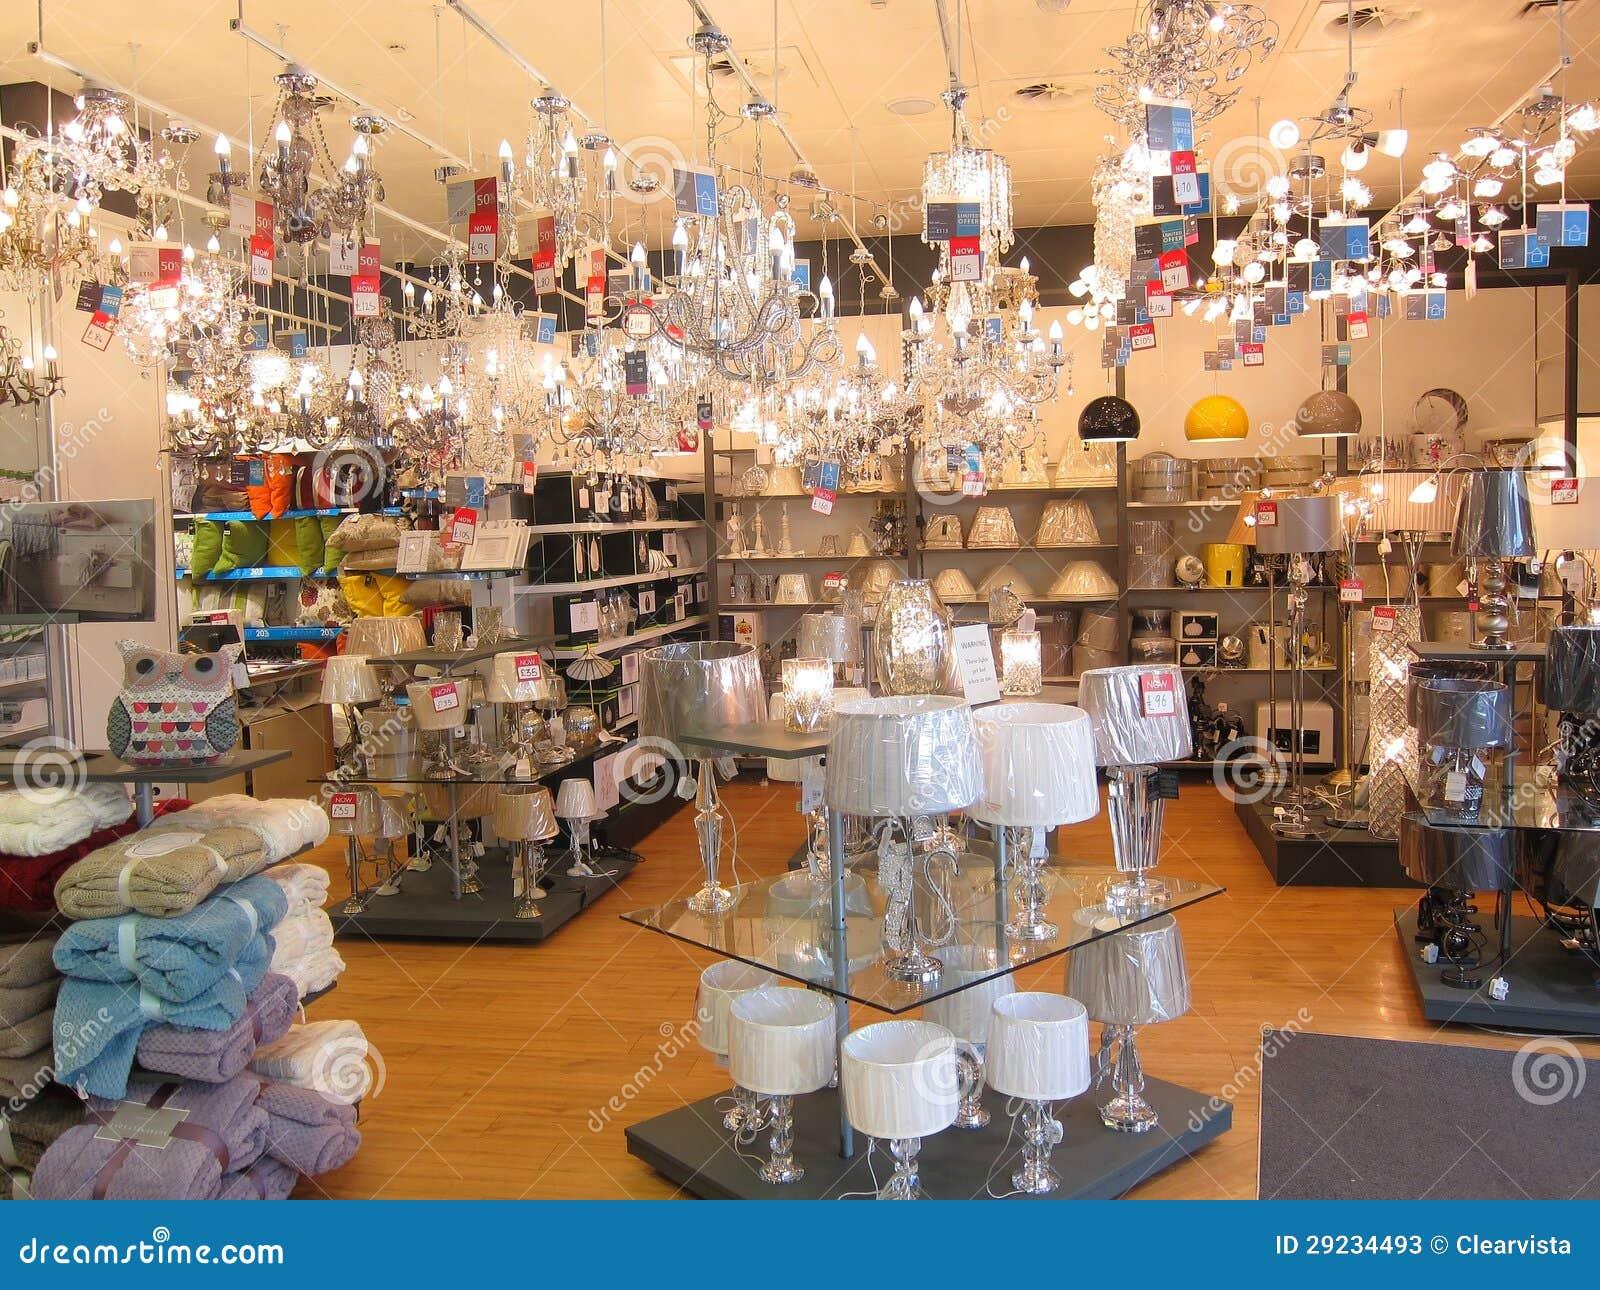 Departamento de la iluminación en una tienda.